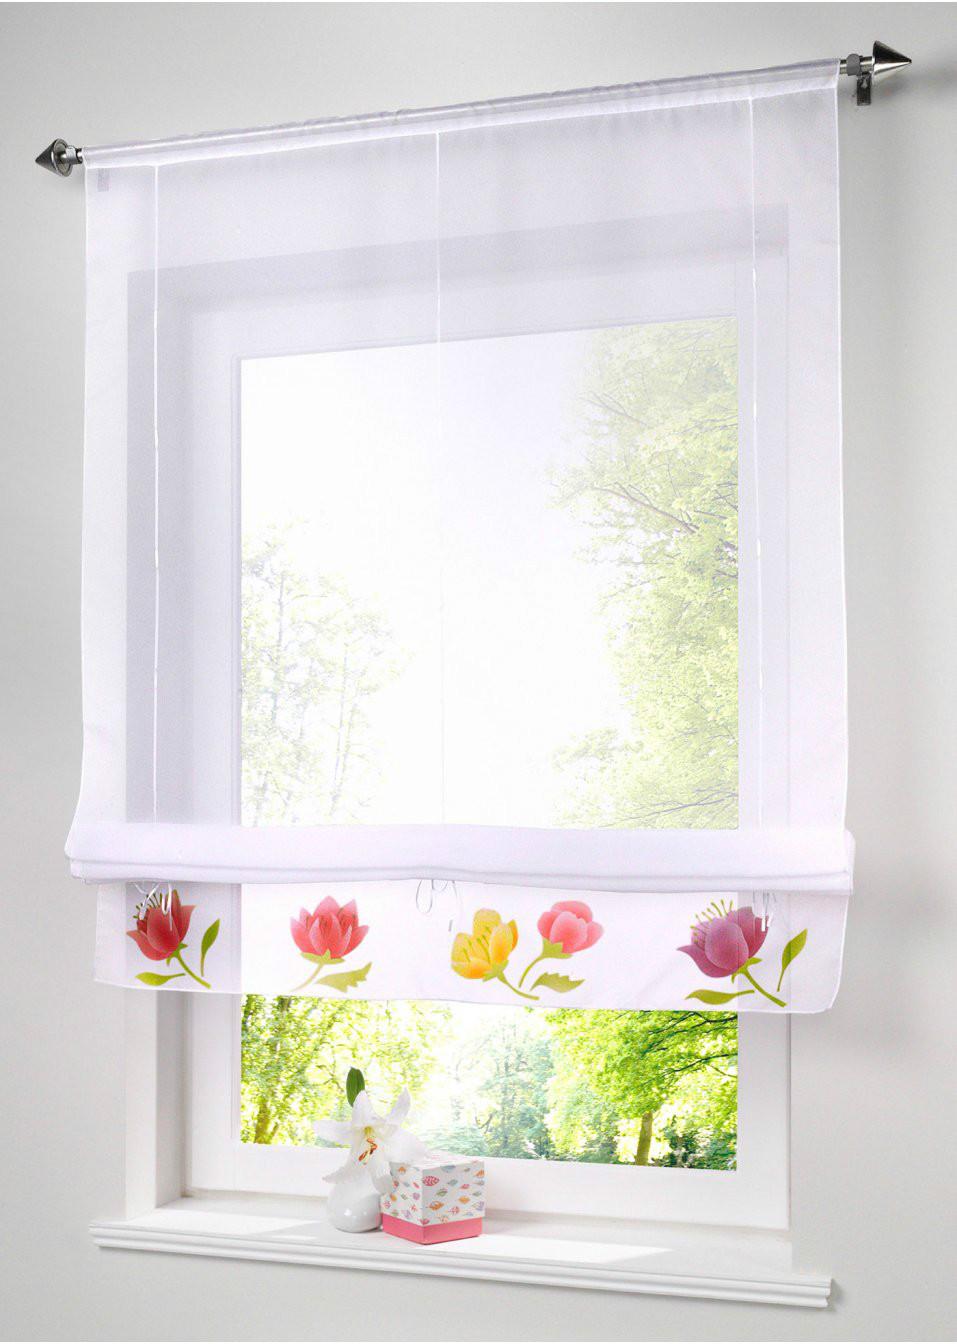 tende rustiche romane tende della cucina caff screening finestra tenda per finestra bianco tulle sheer per